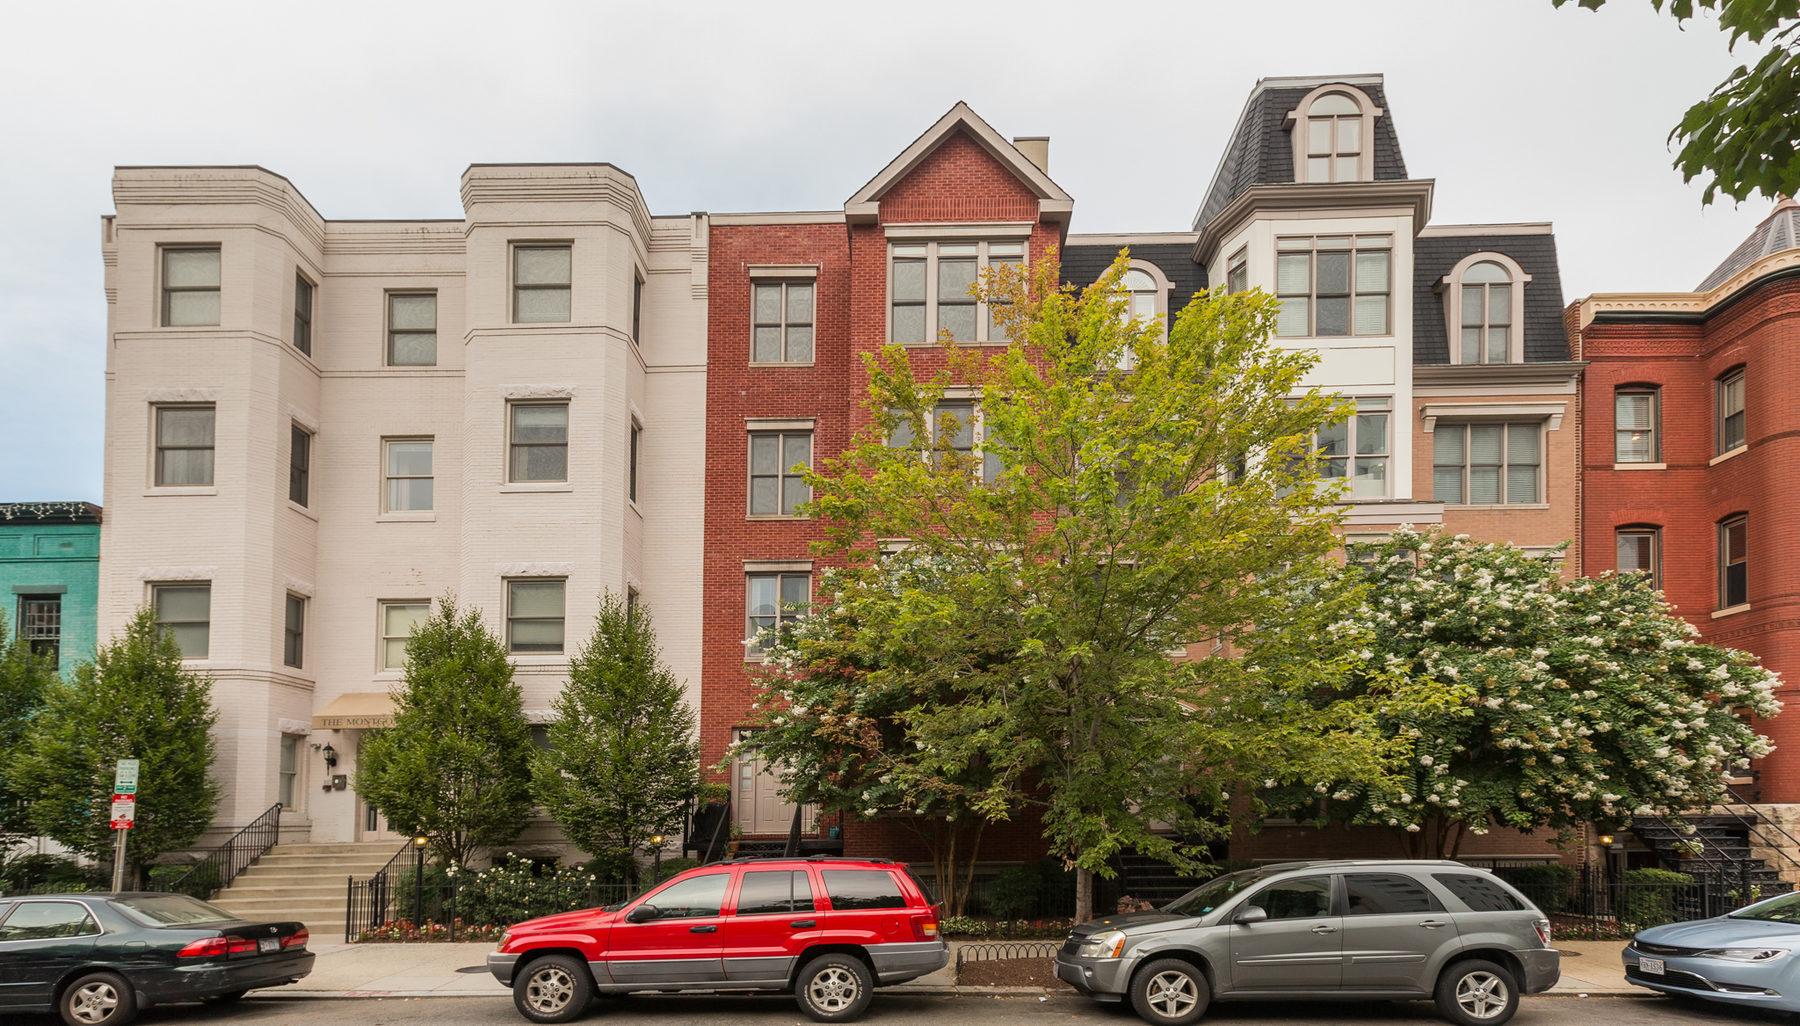 コンドミニアム のために 売買 アット 1229 12th Street Nw 3, Washington Washington, コロンビア特別区 20005 アメリカ合衆国